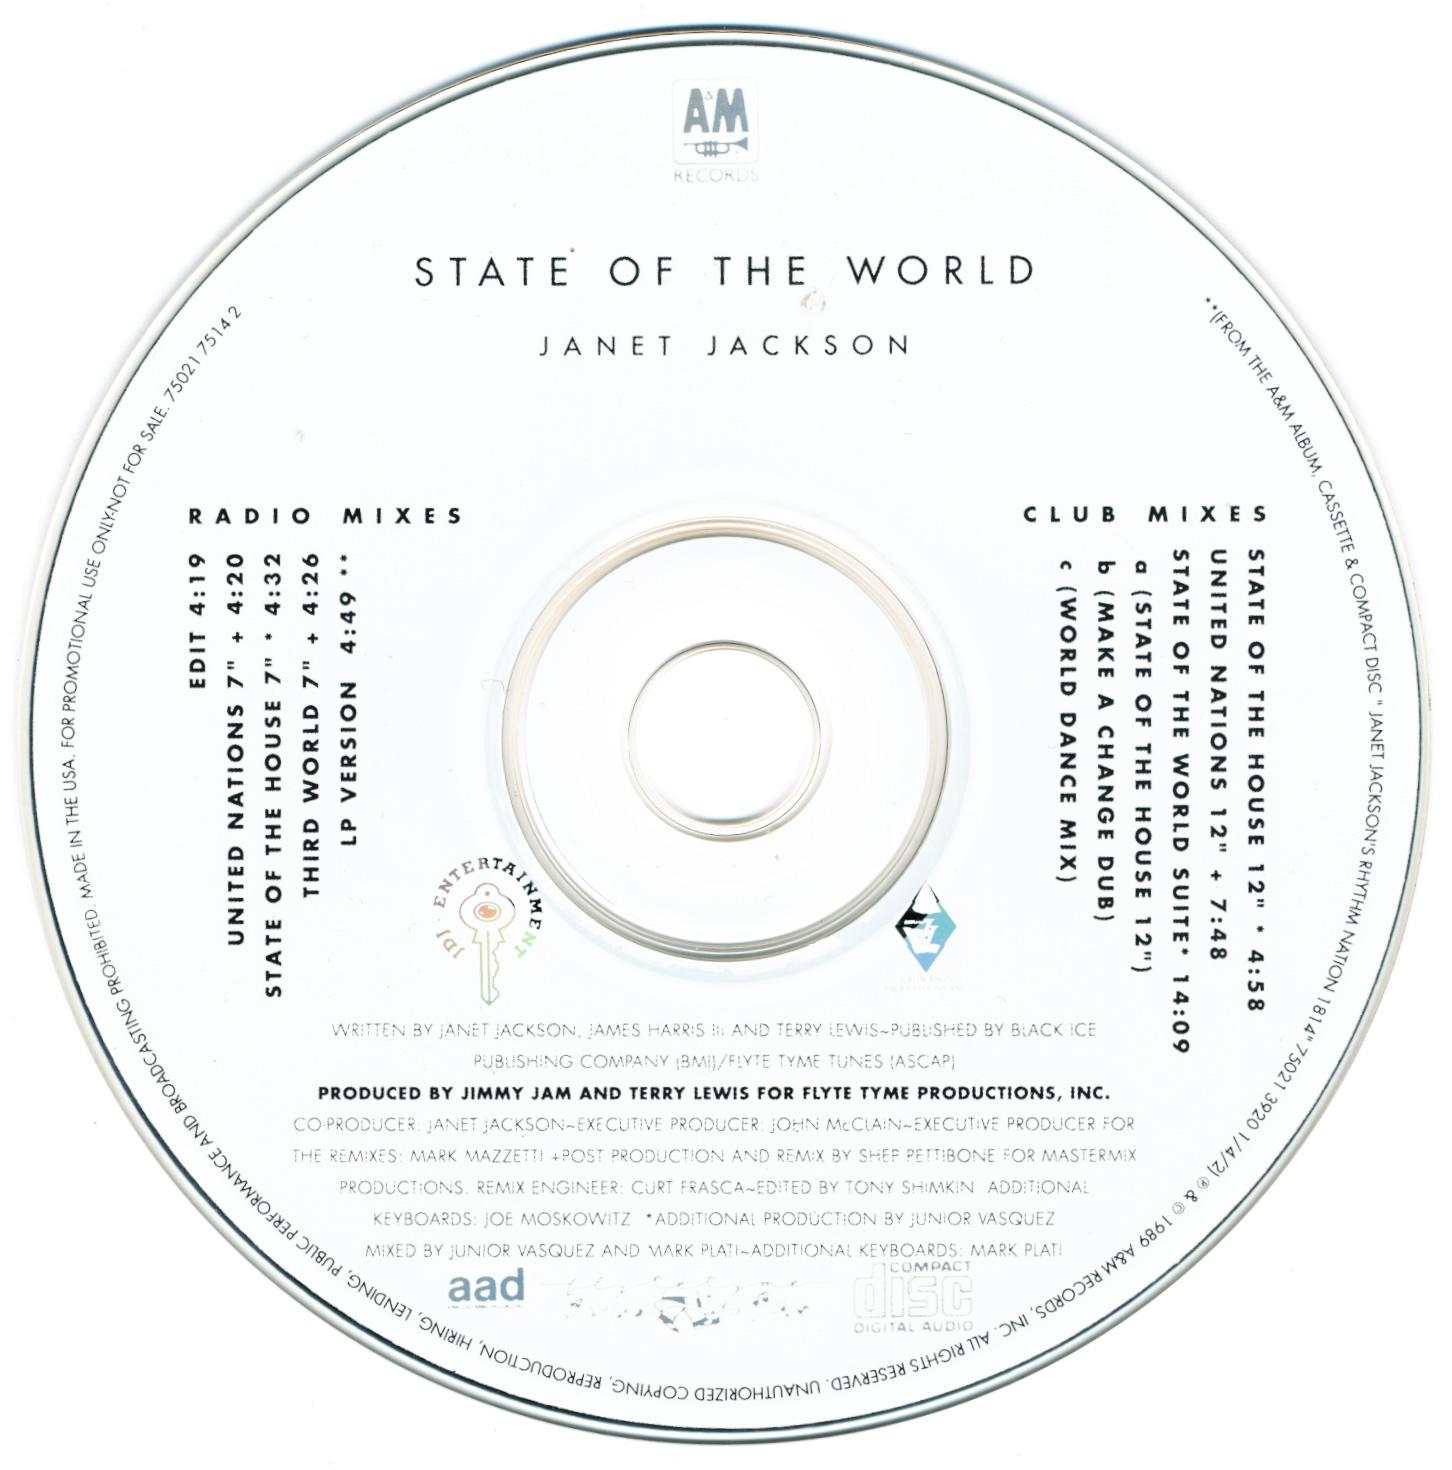 http://3.bp.blogspot.com/-6x3jabalzMw/TnvTnQhd2OI/AAAAAAAACZ8/DDyfoUWralo/s1600/Janet+State+CD.jpg